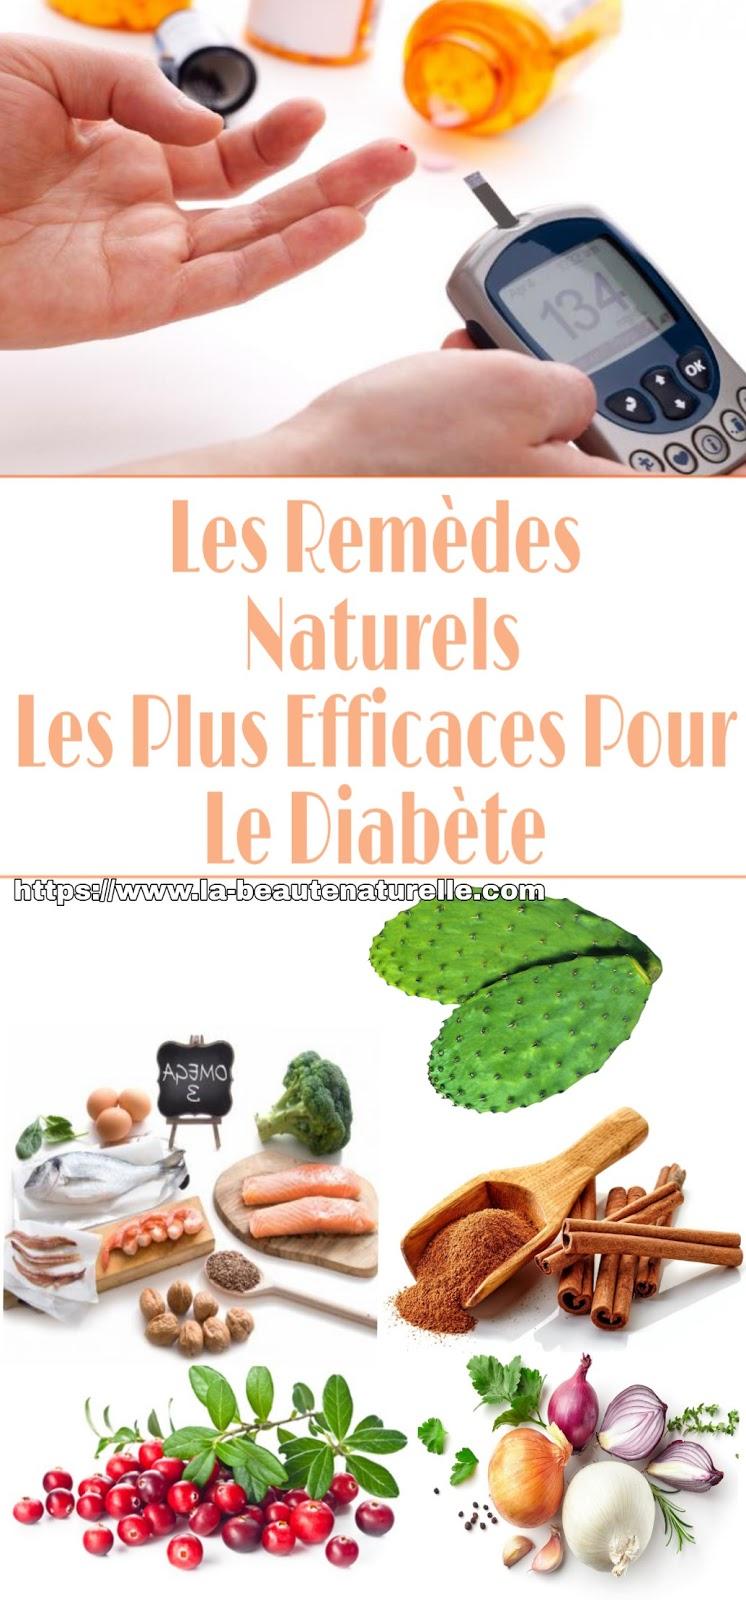 Les Remèdes Naturels Les Plus Efficaces Pour Le Diabète